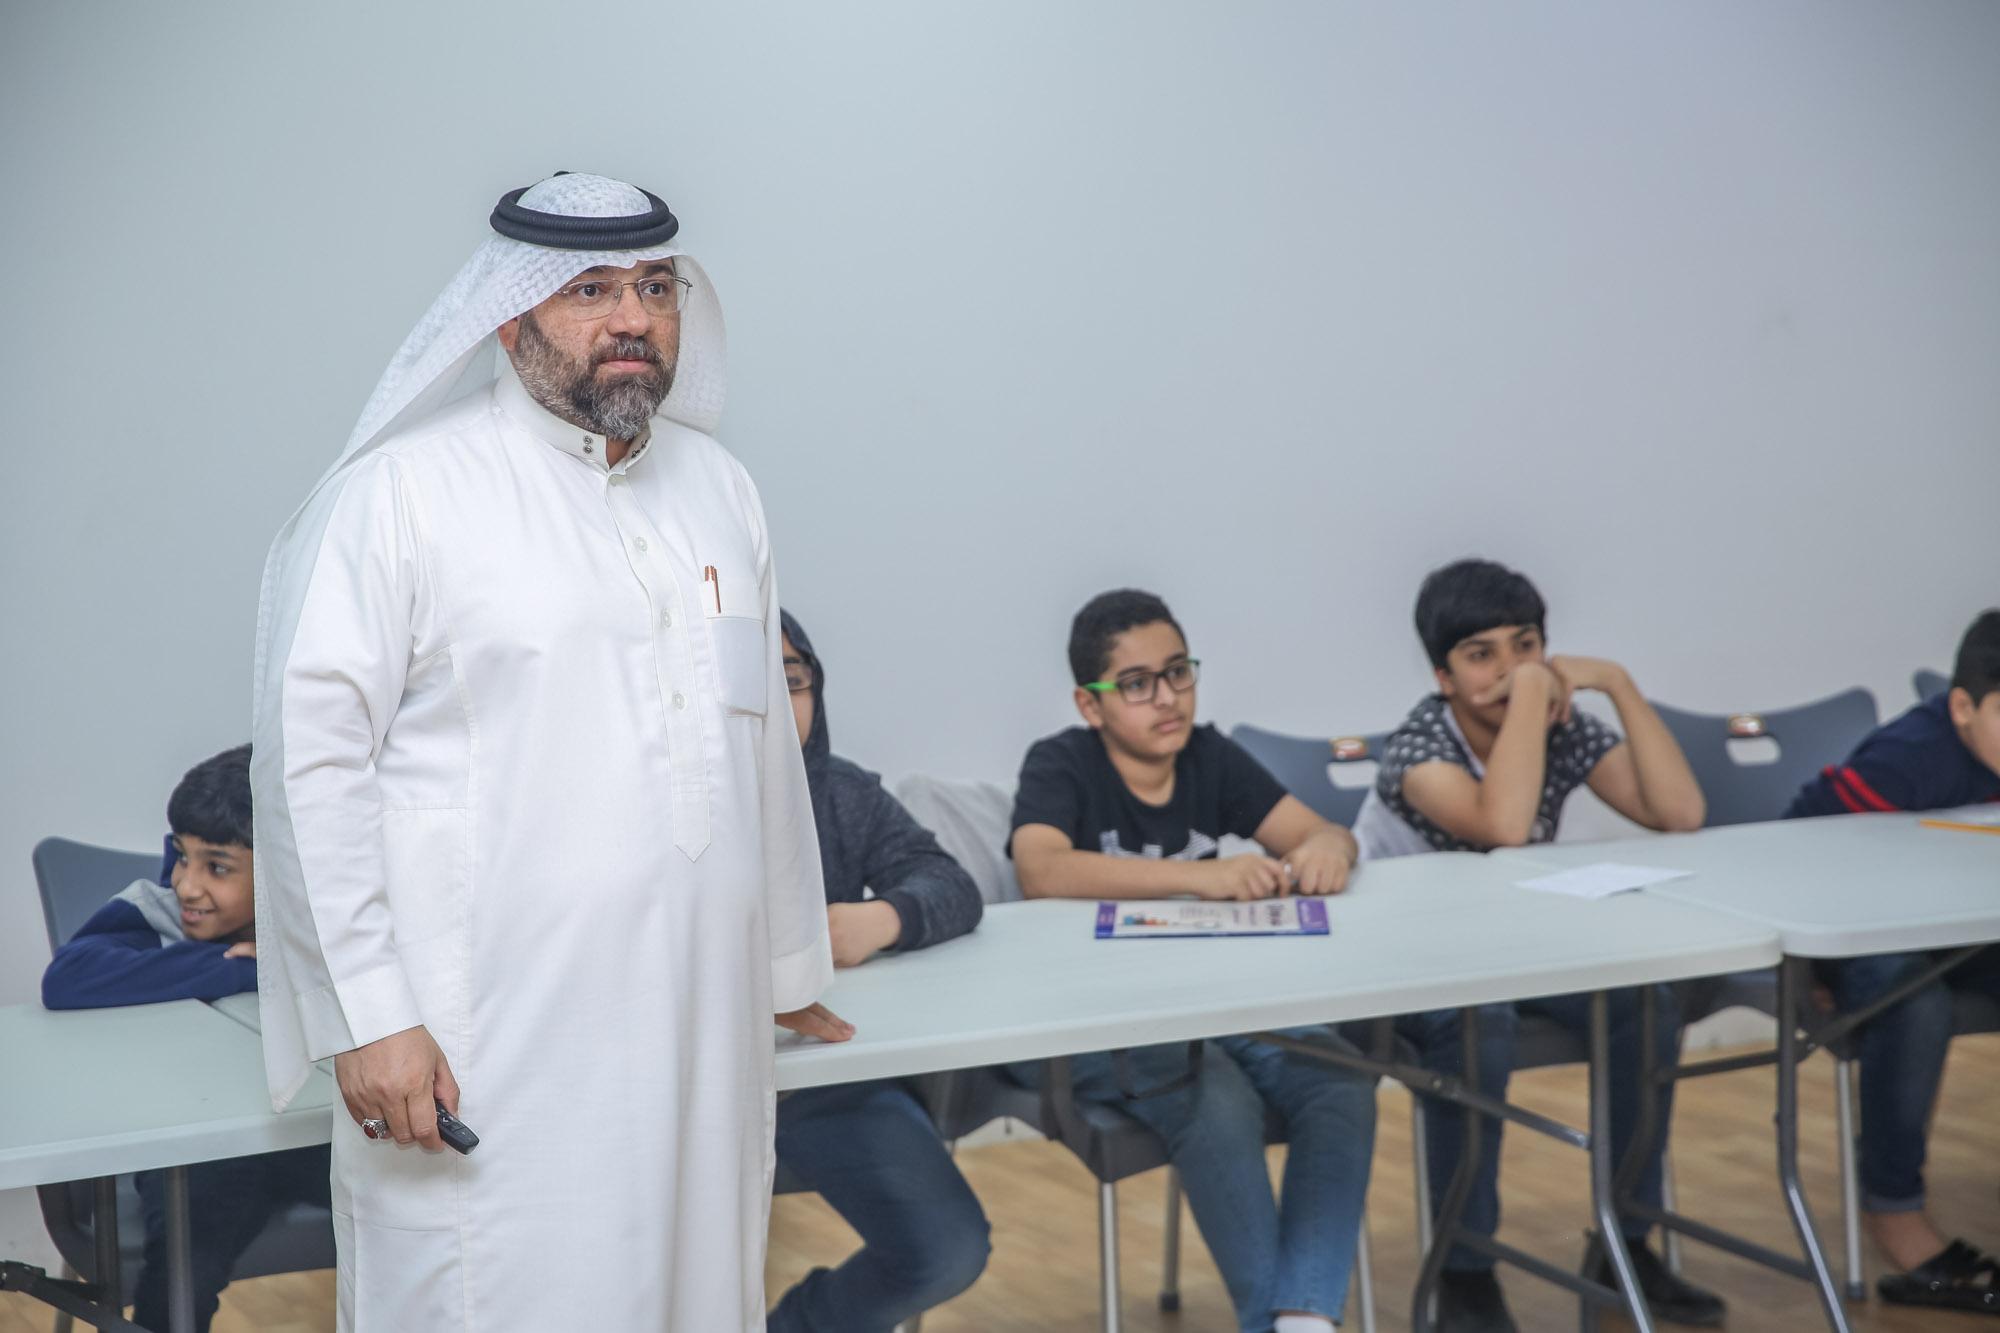 نادي الخليج يبدأ دوراته المجانية للموهوبين